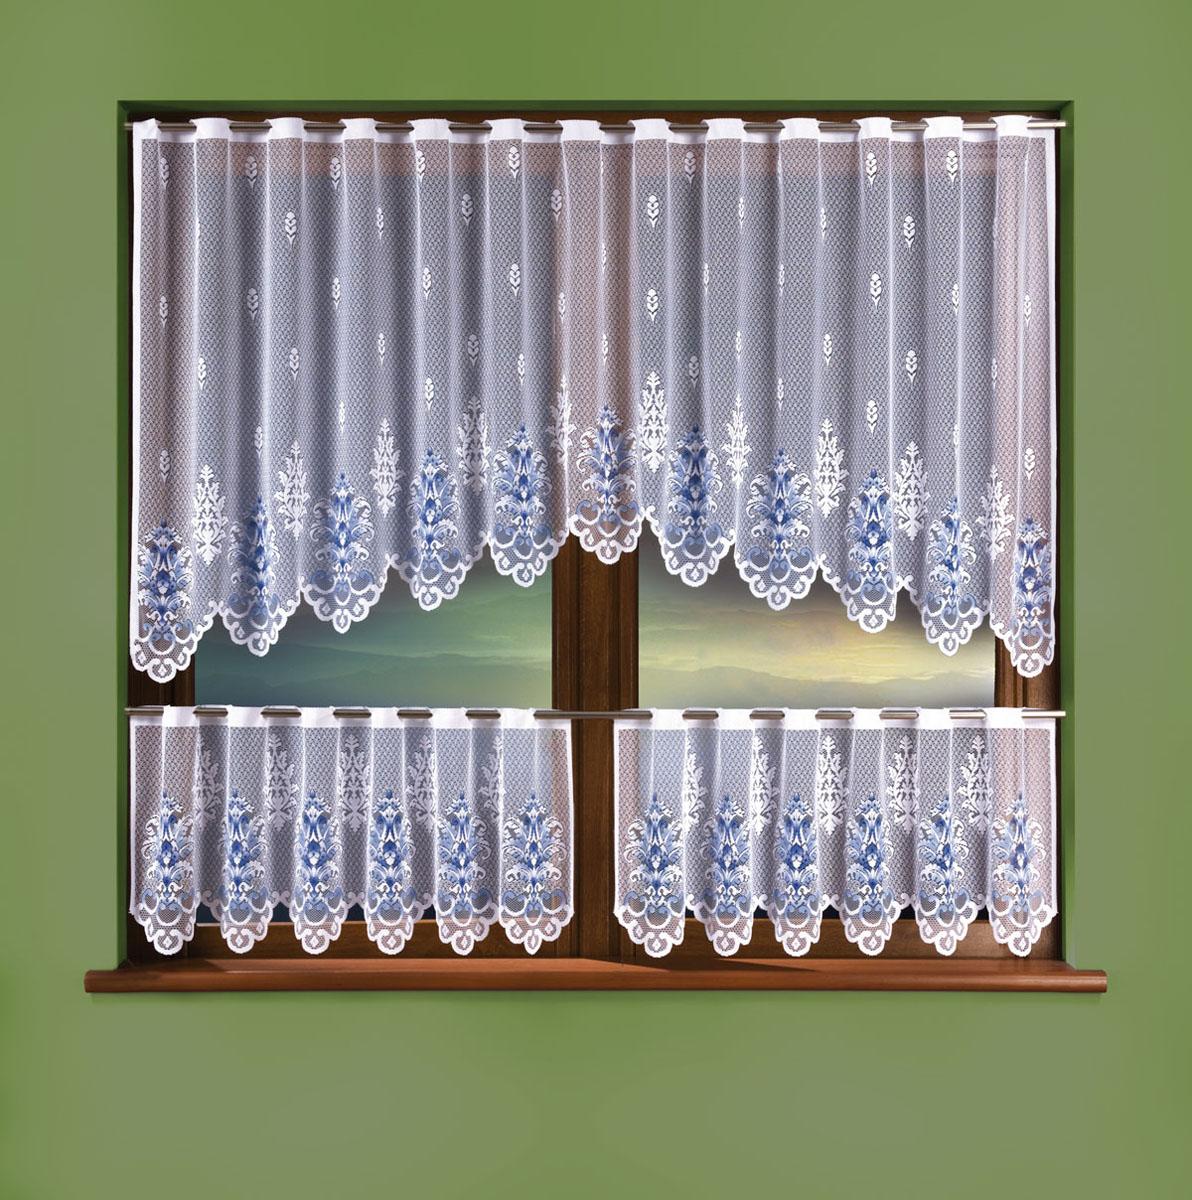 Комплект штор Wisan, цвет: белый, высота 50 см88838Комплект штор для кухни, крепление зажимы для штор.Размеры: 240*90+ (130*50)*2